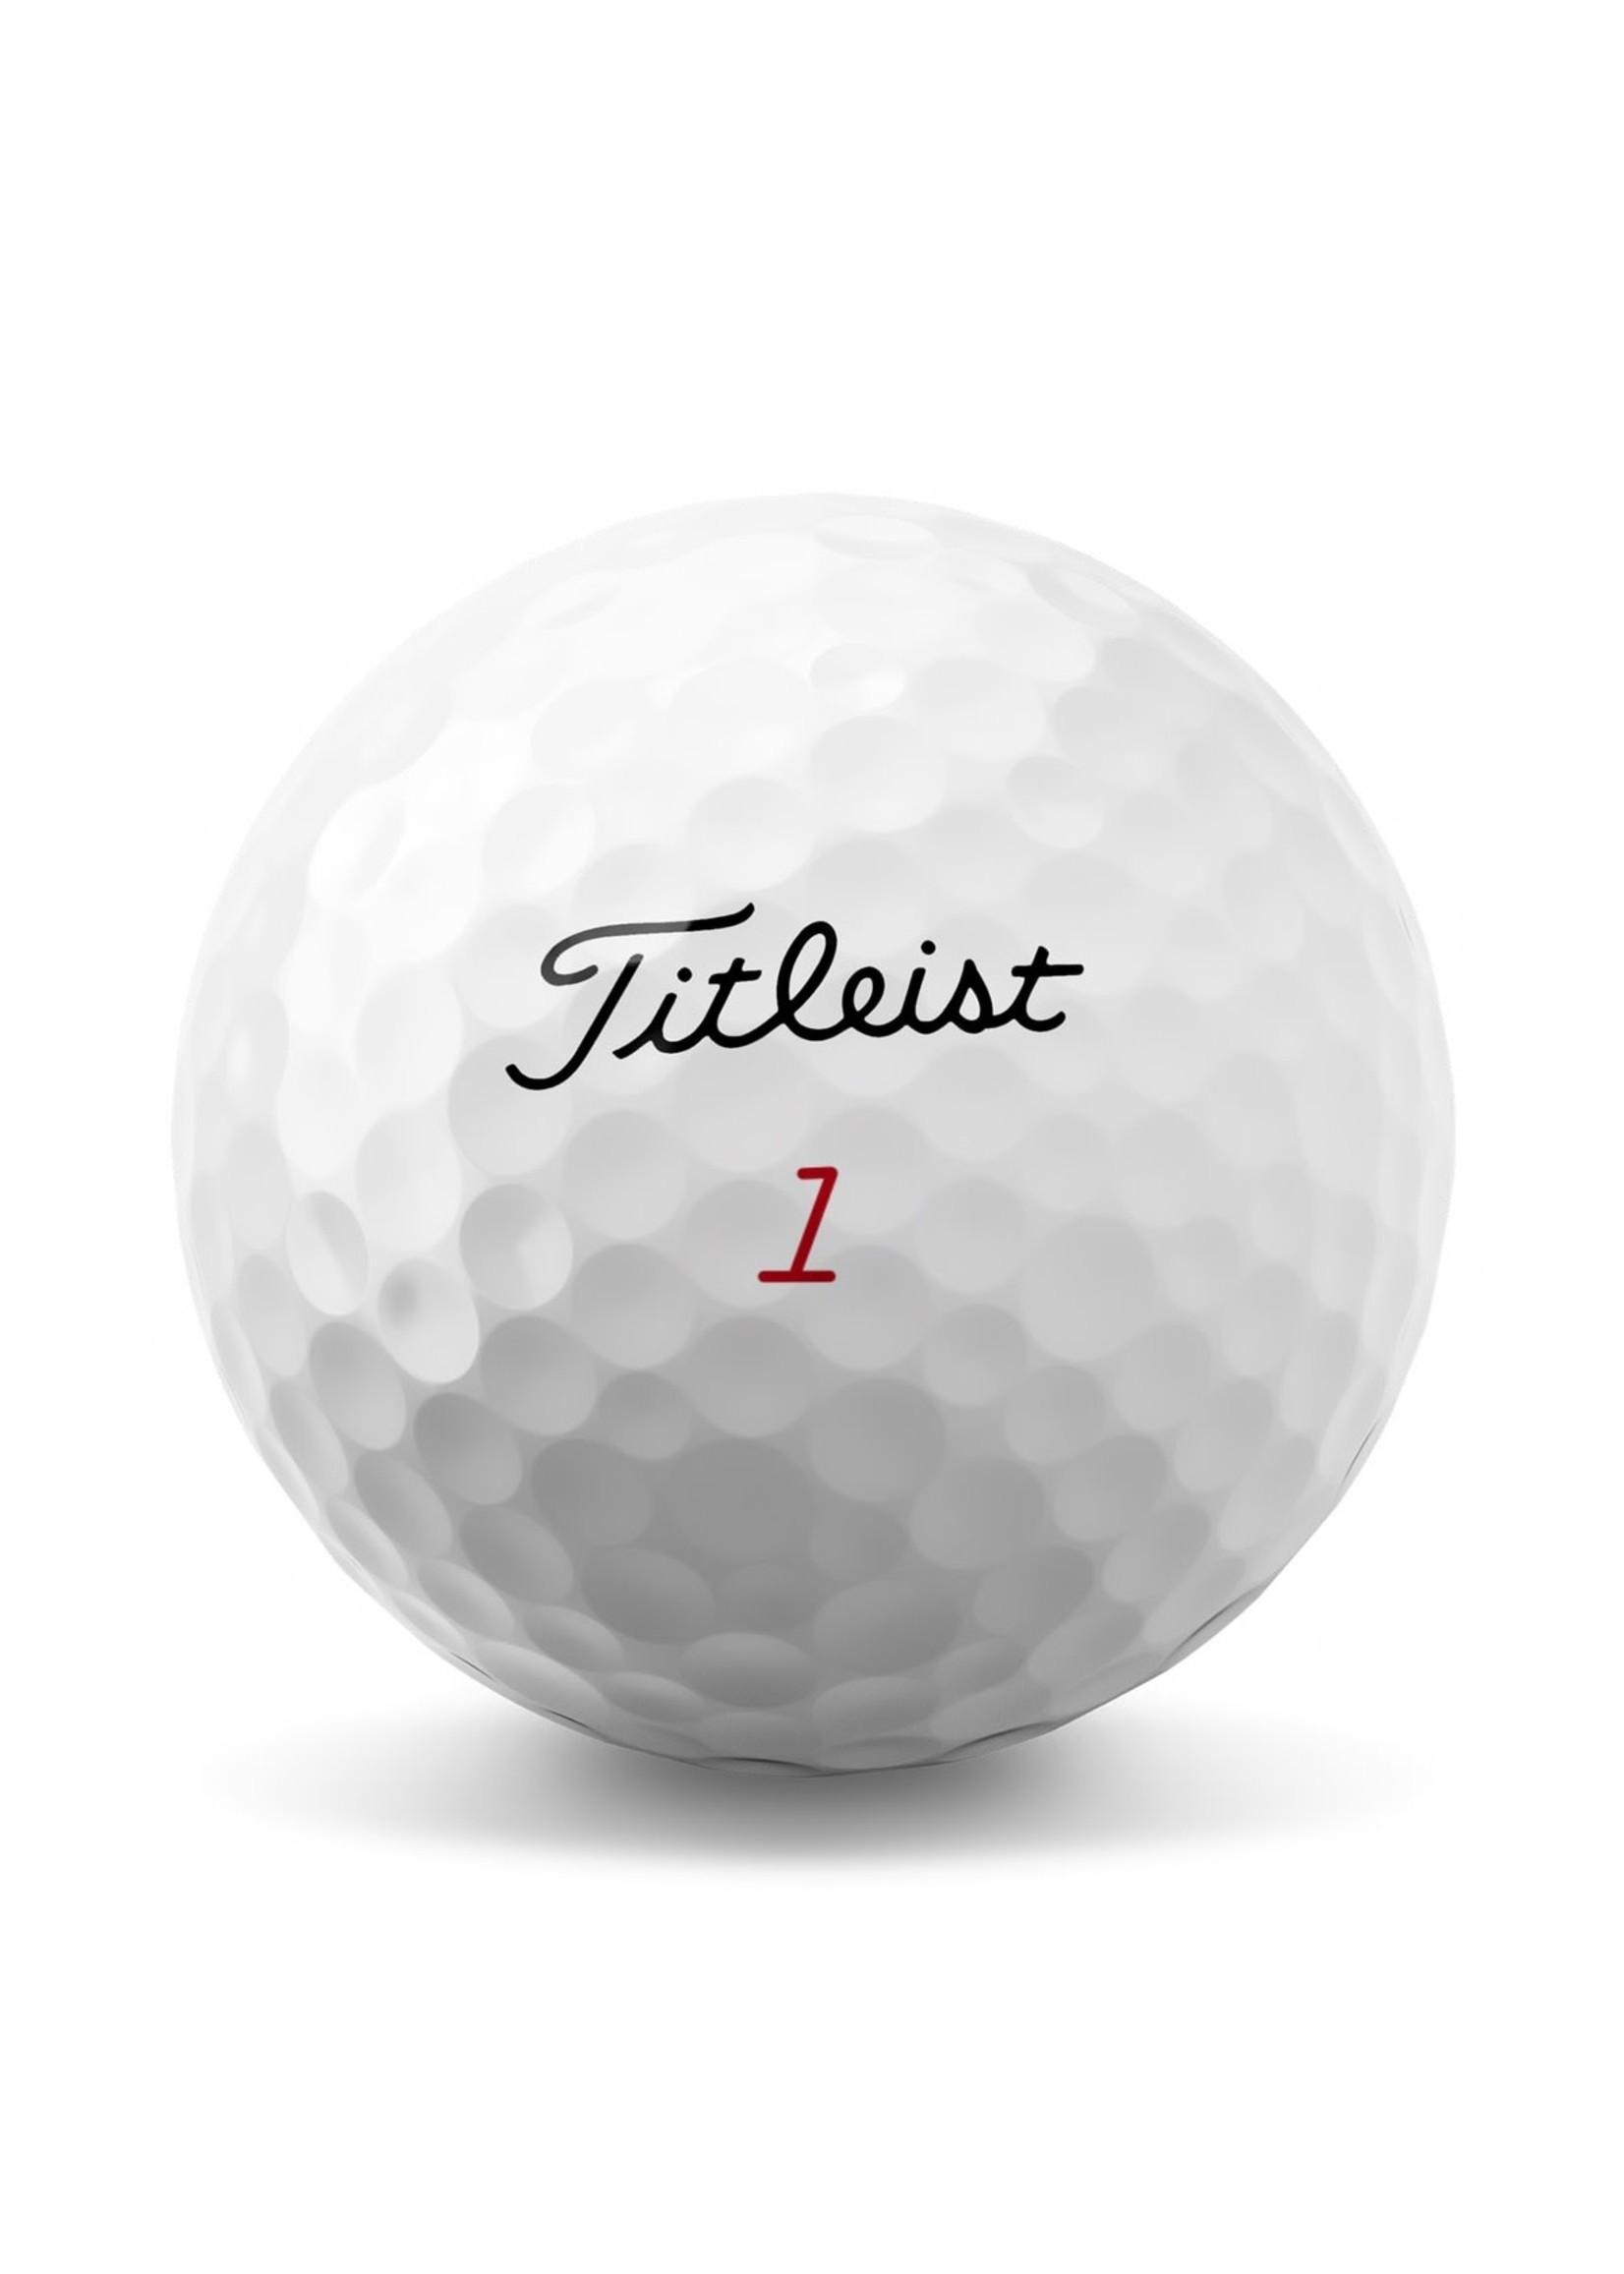 Titleist Titleist ProV1x Dozen Pack Golf Balls (2021) - White